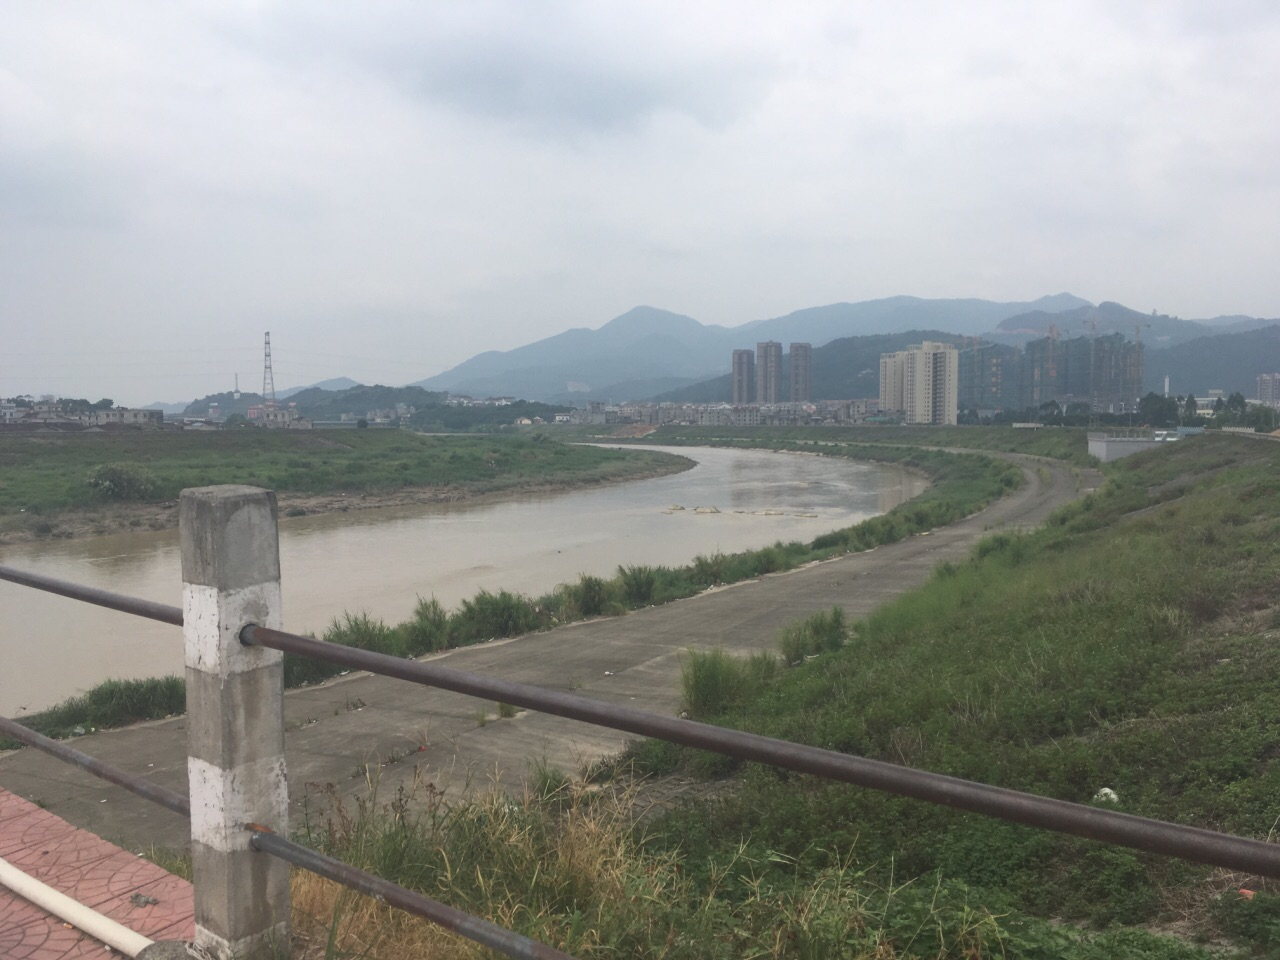 木兰陂位于福建省莆田市区西南5公里的木兰山下,木兰溪与兴化湾海潮